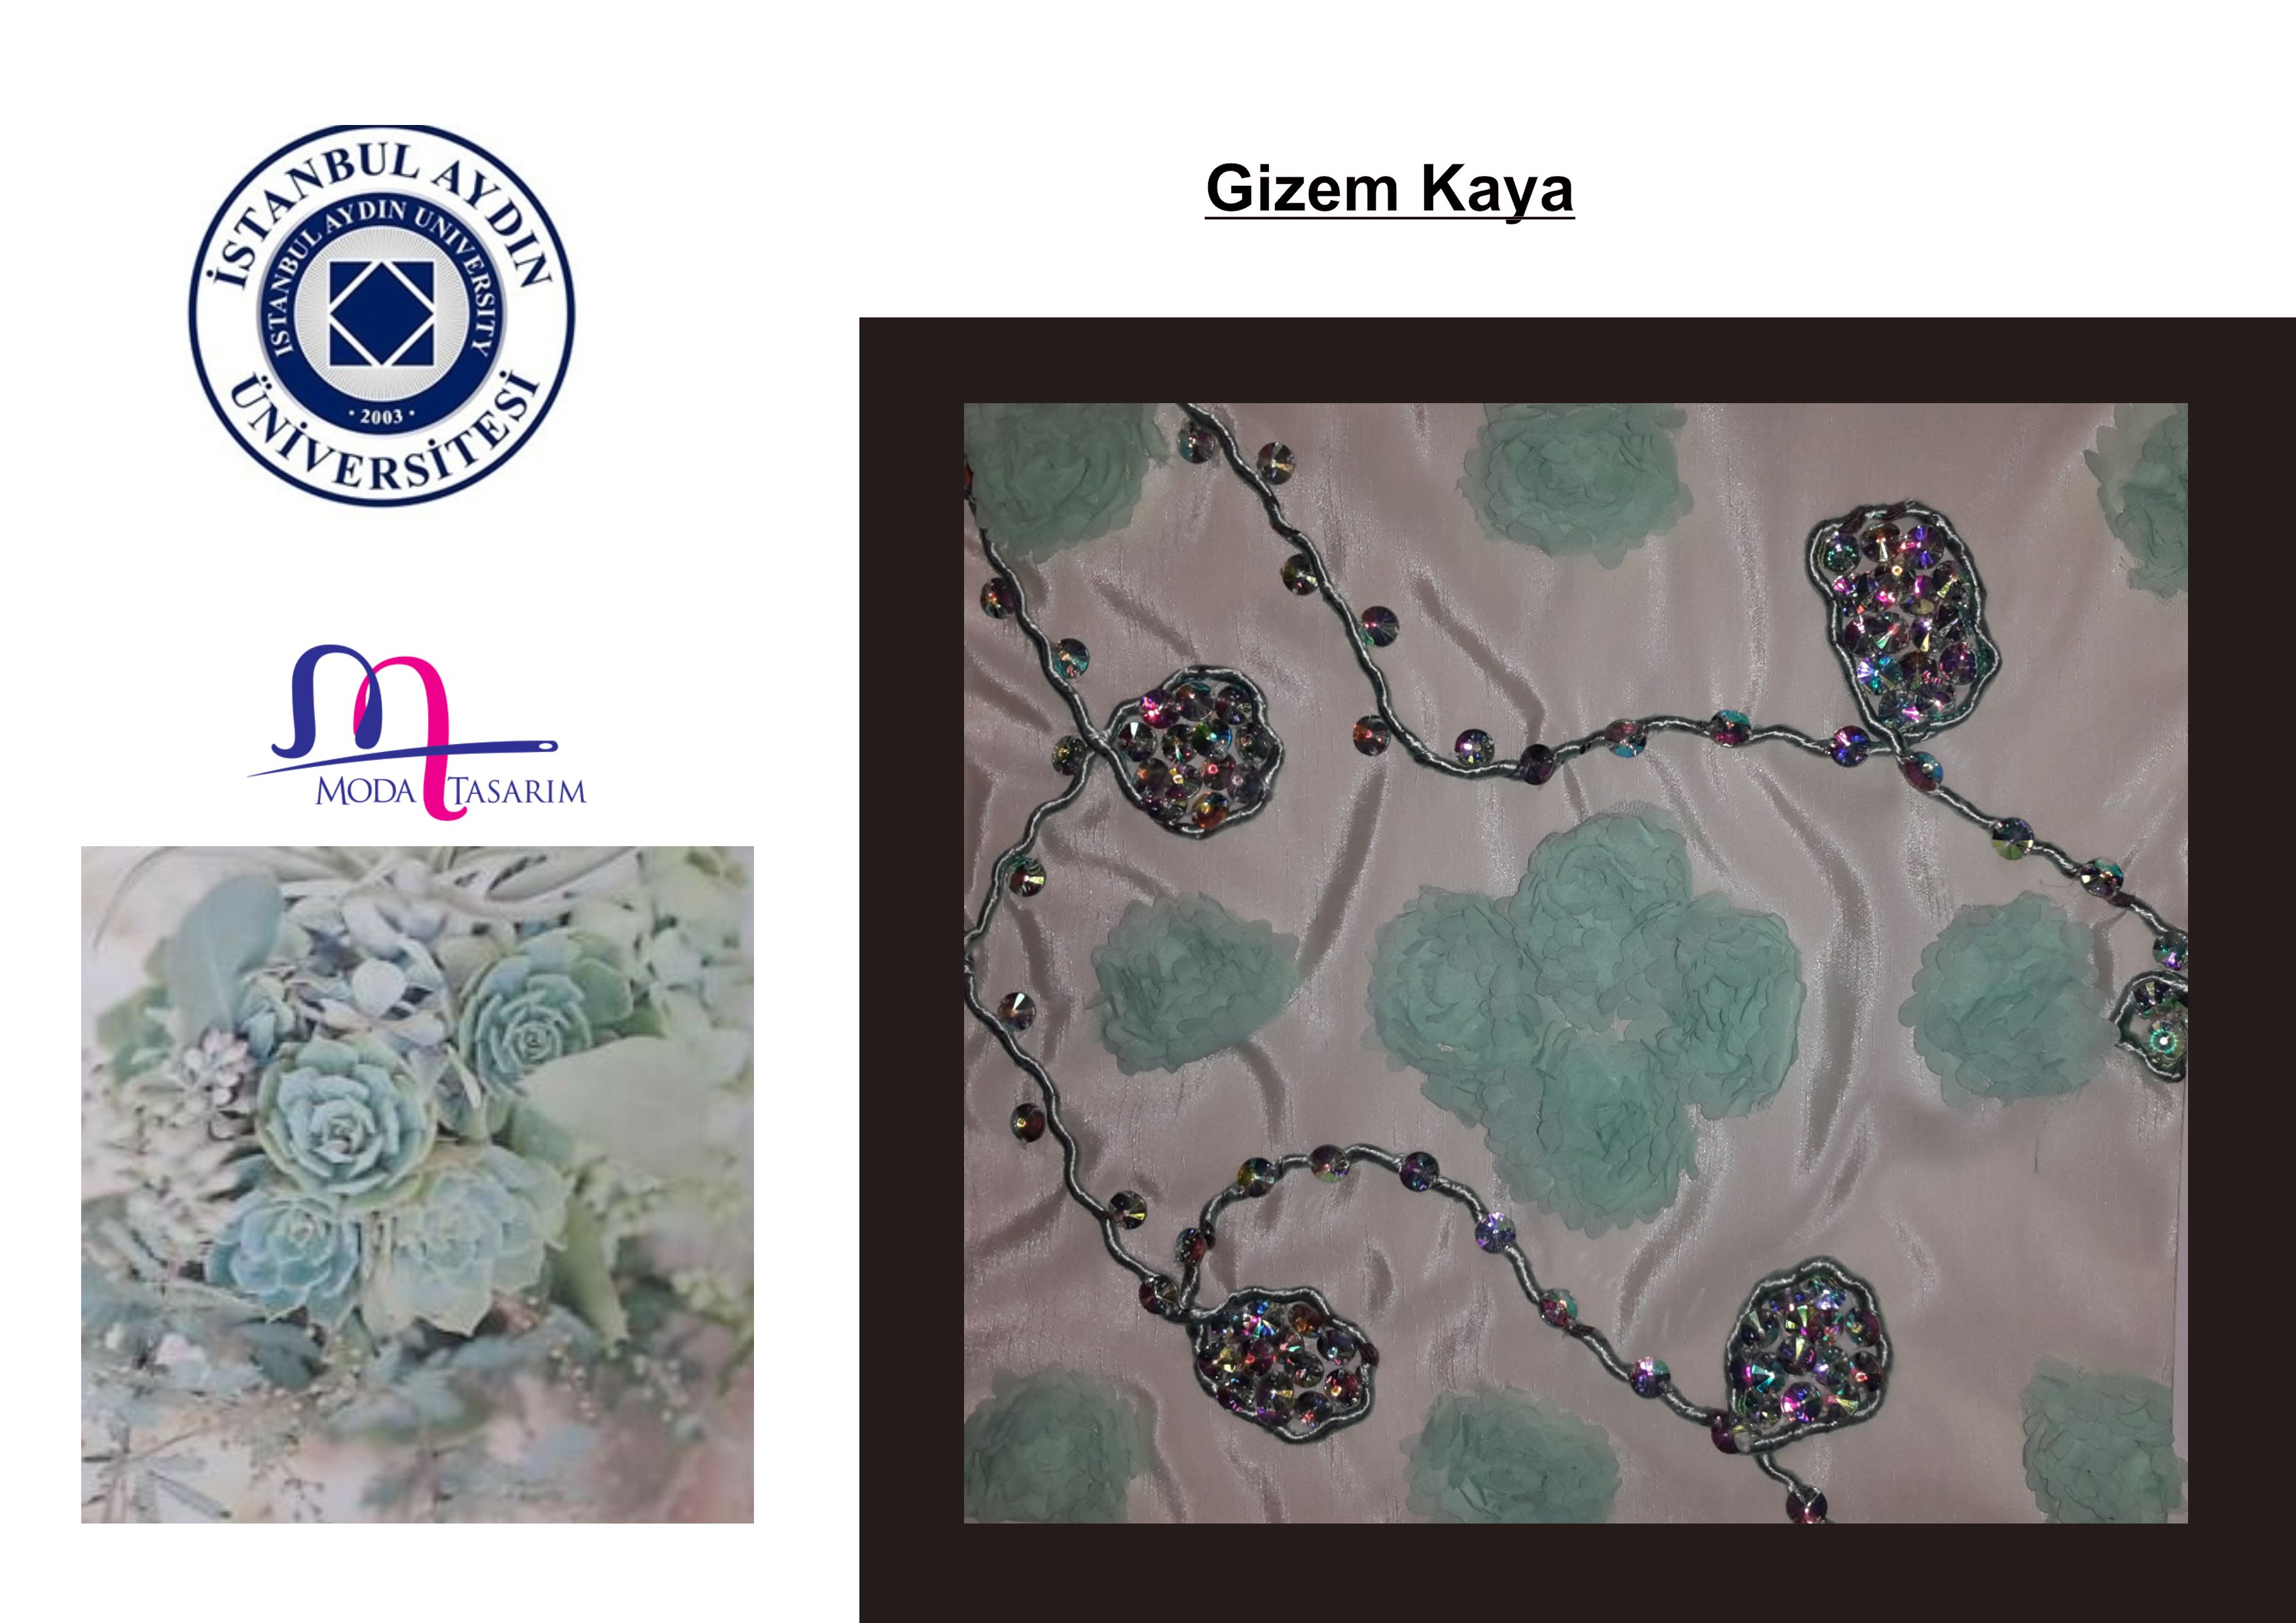 Gizem Kaya